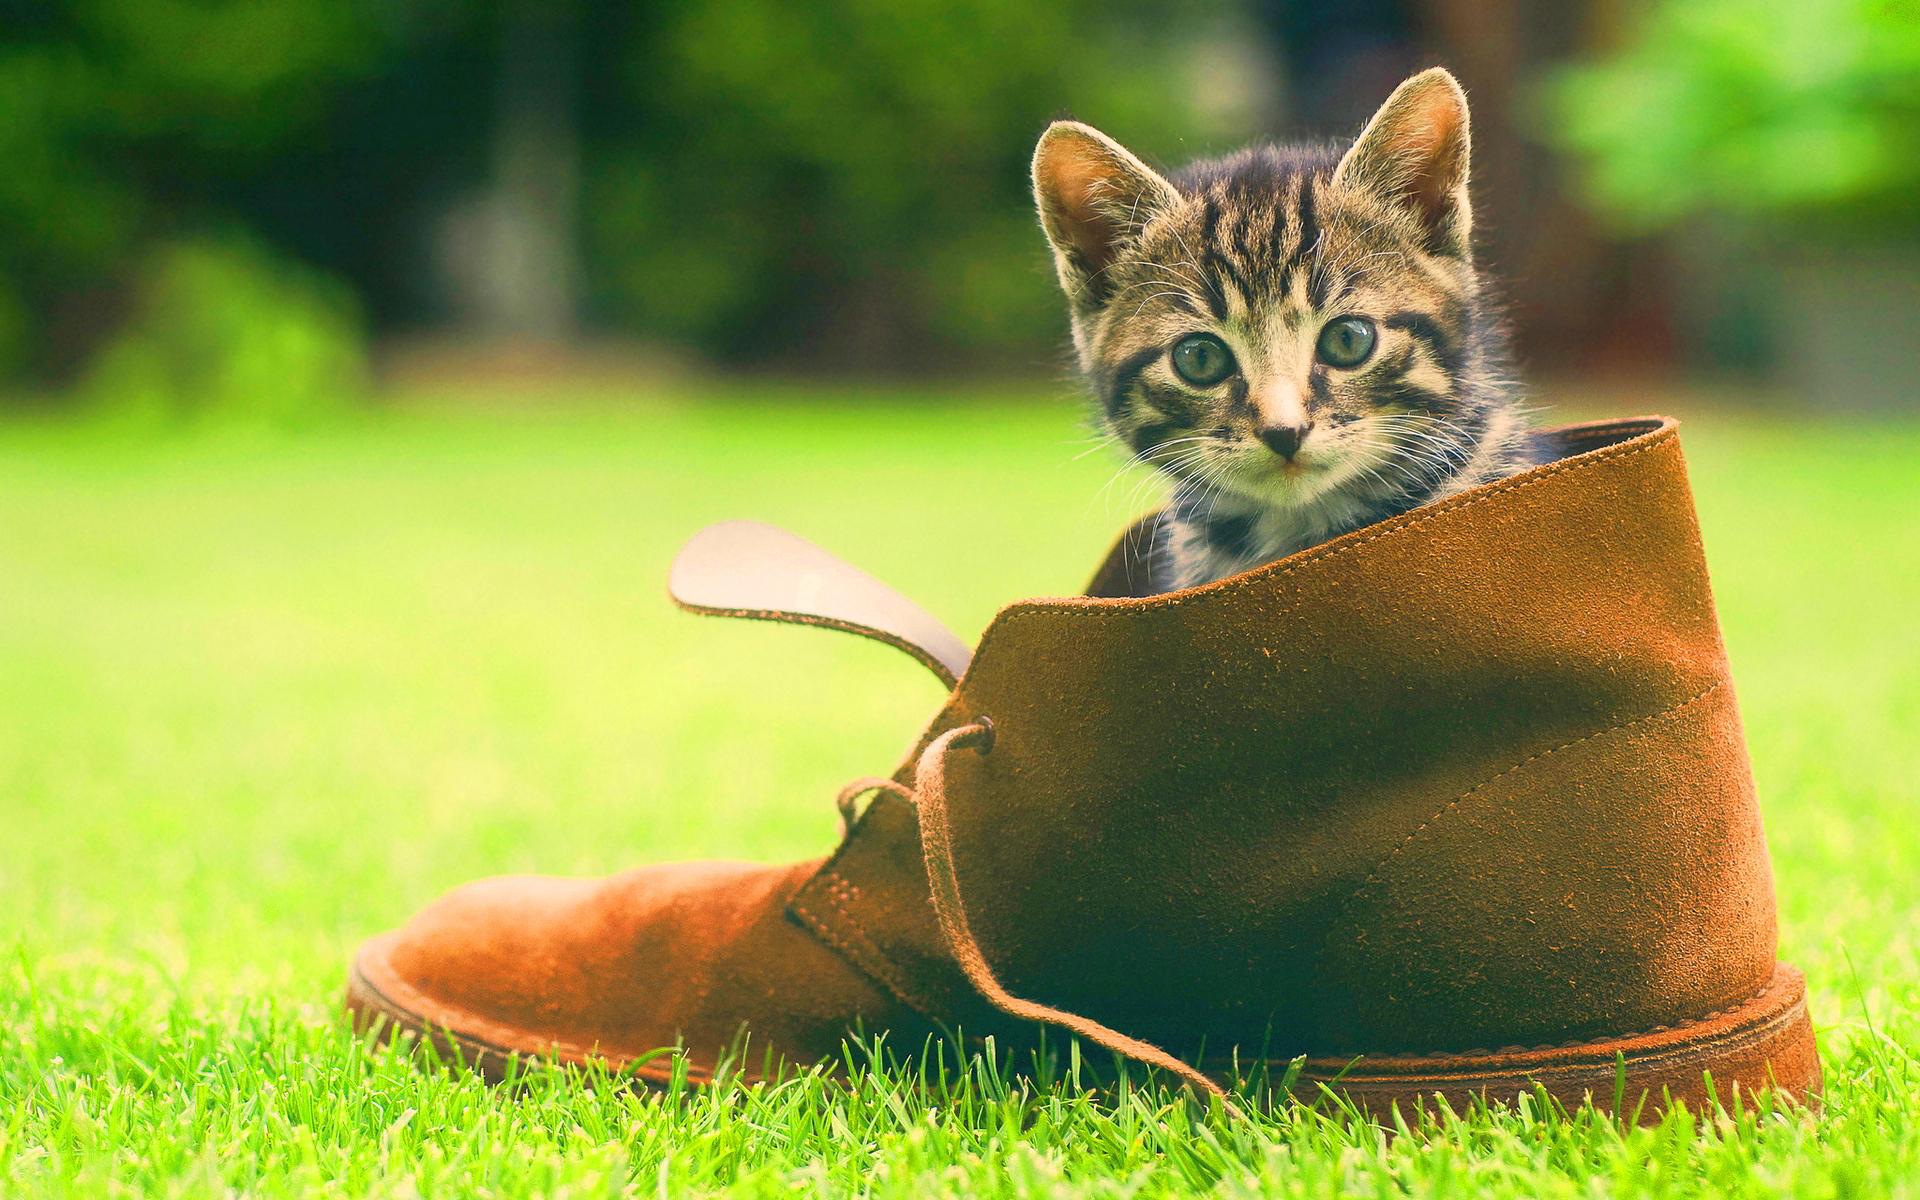 kitten cute wallpaper shoe - HD Desktop Wallpapers | 4k HD